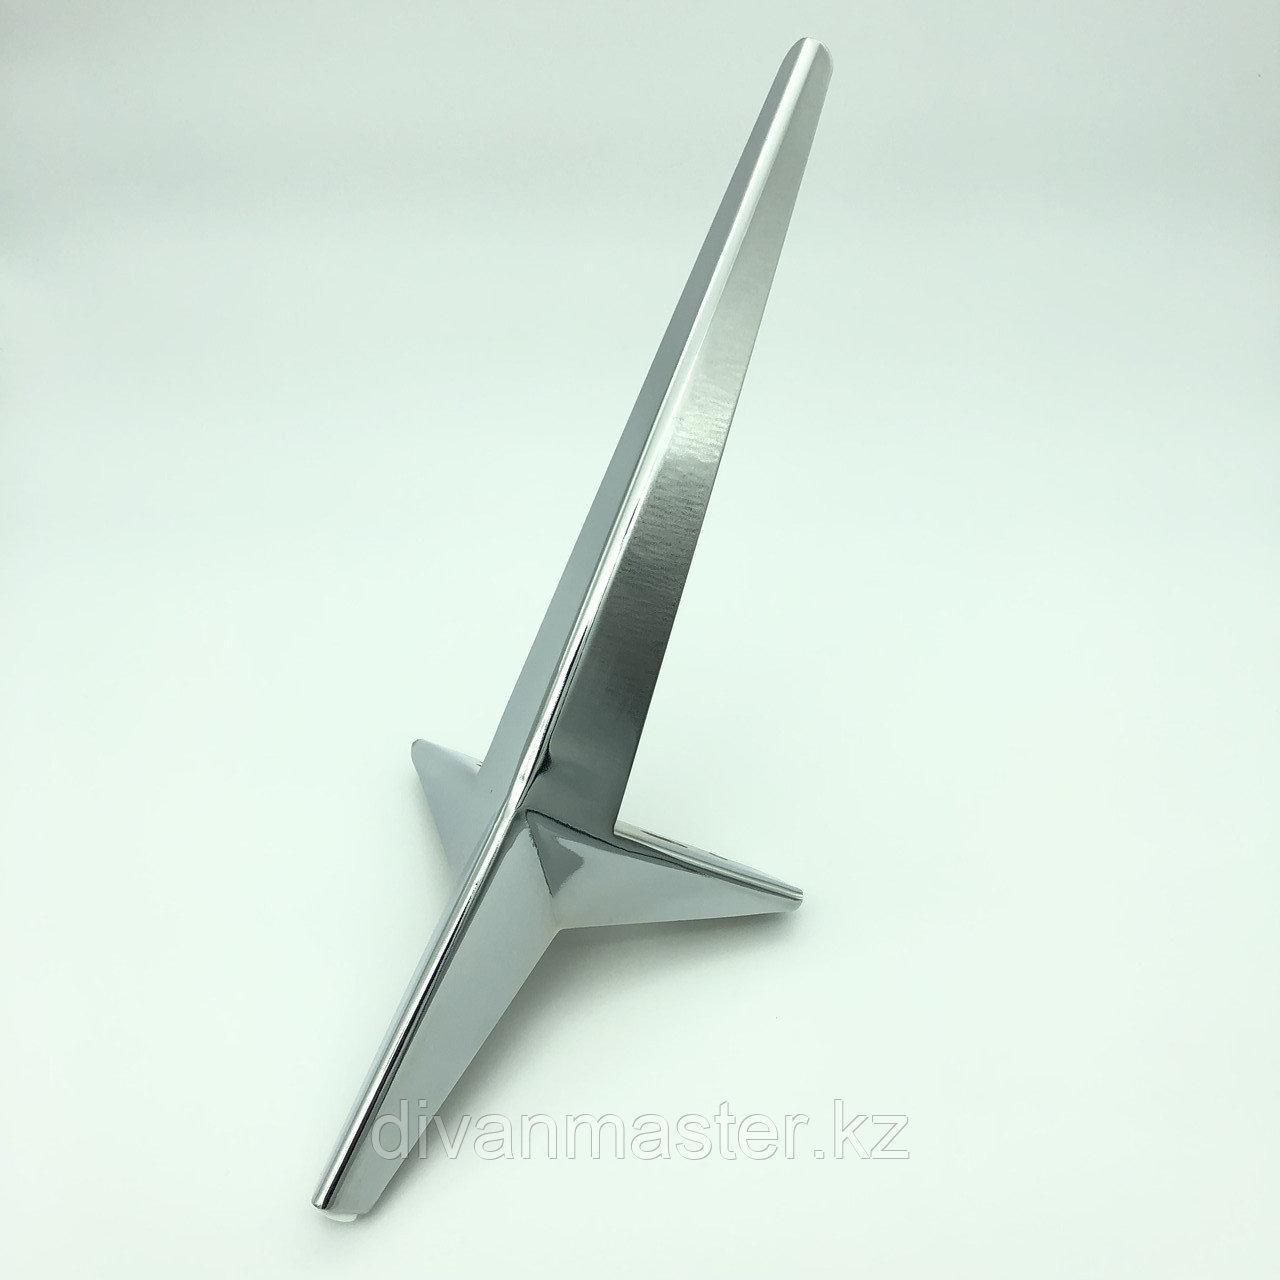 Ножка стальная угловая с наклоном, для диванов и кресел 45см, хром